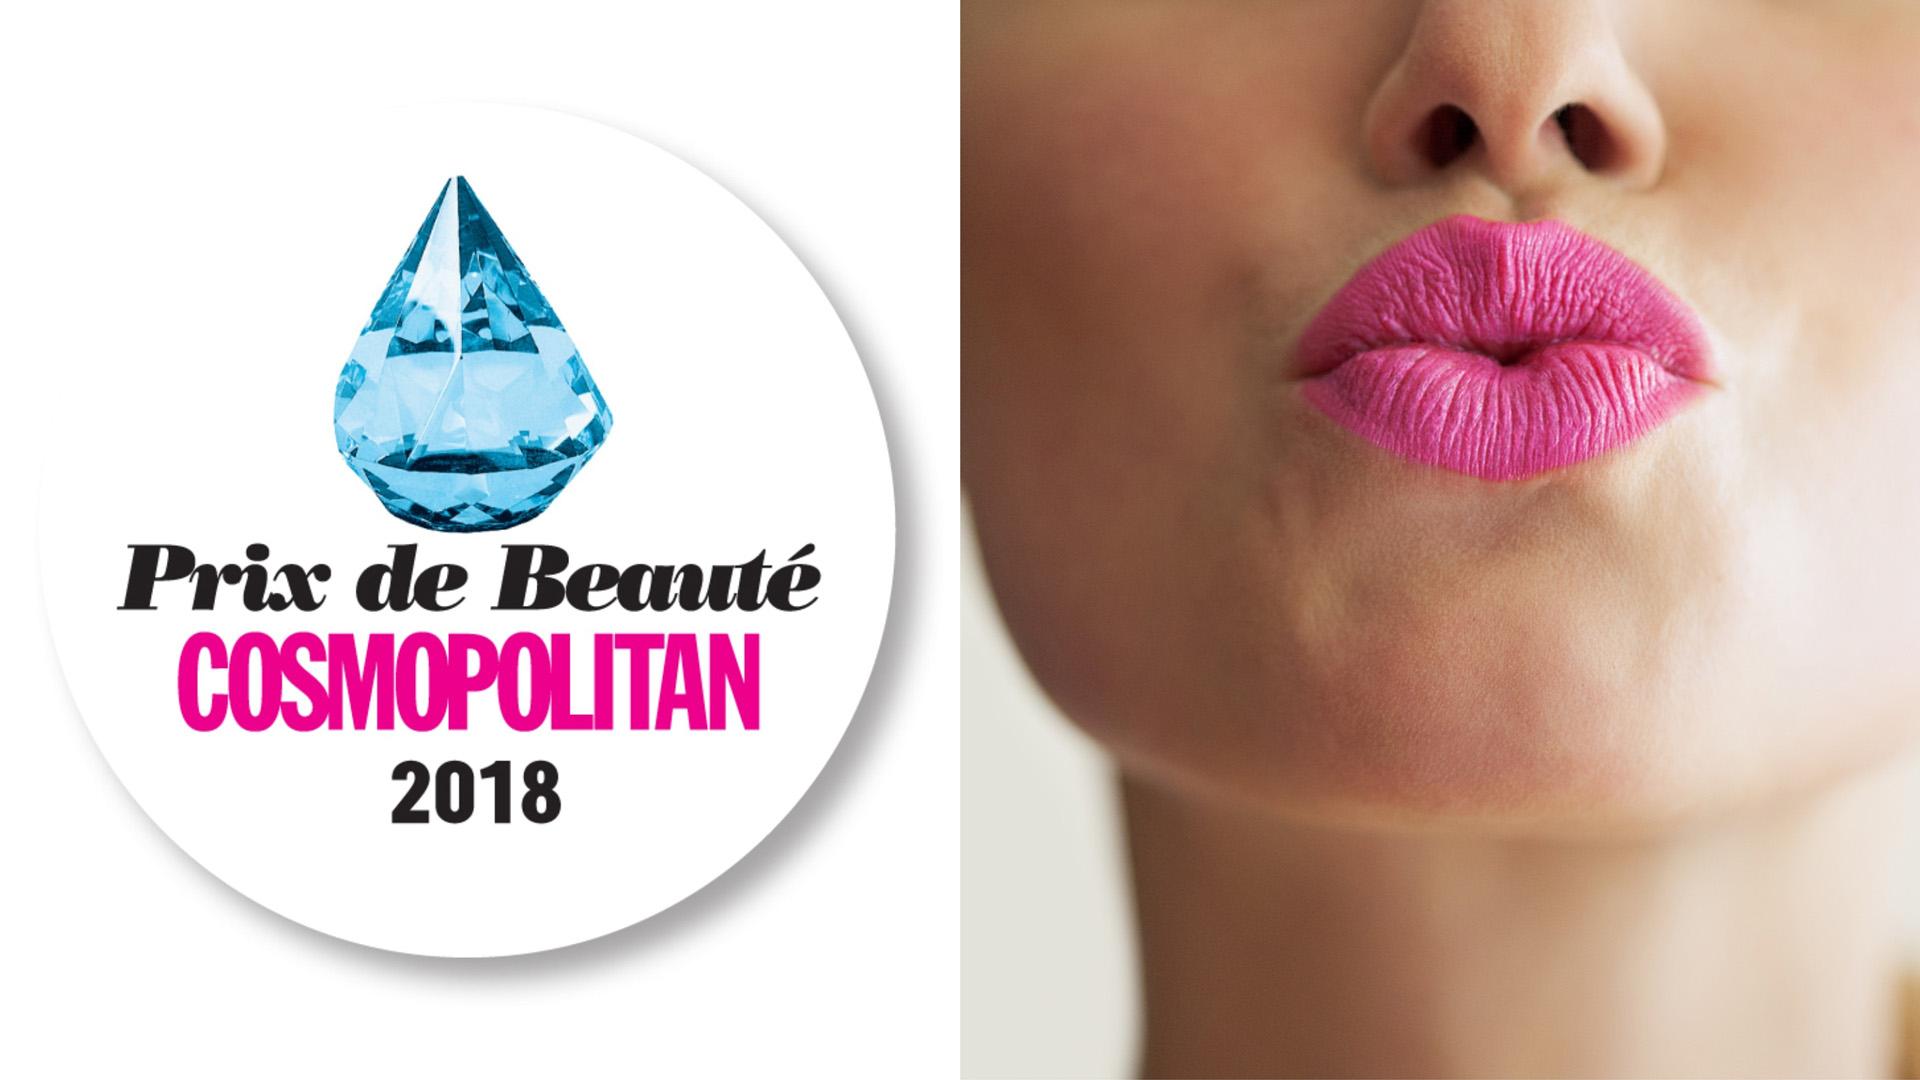 Wyniki 20. edycji konkursu Prix de Beauté Cosmopolitan